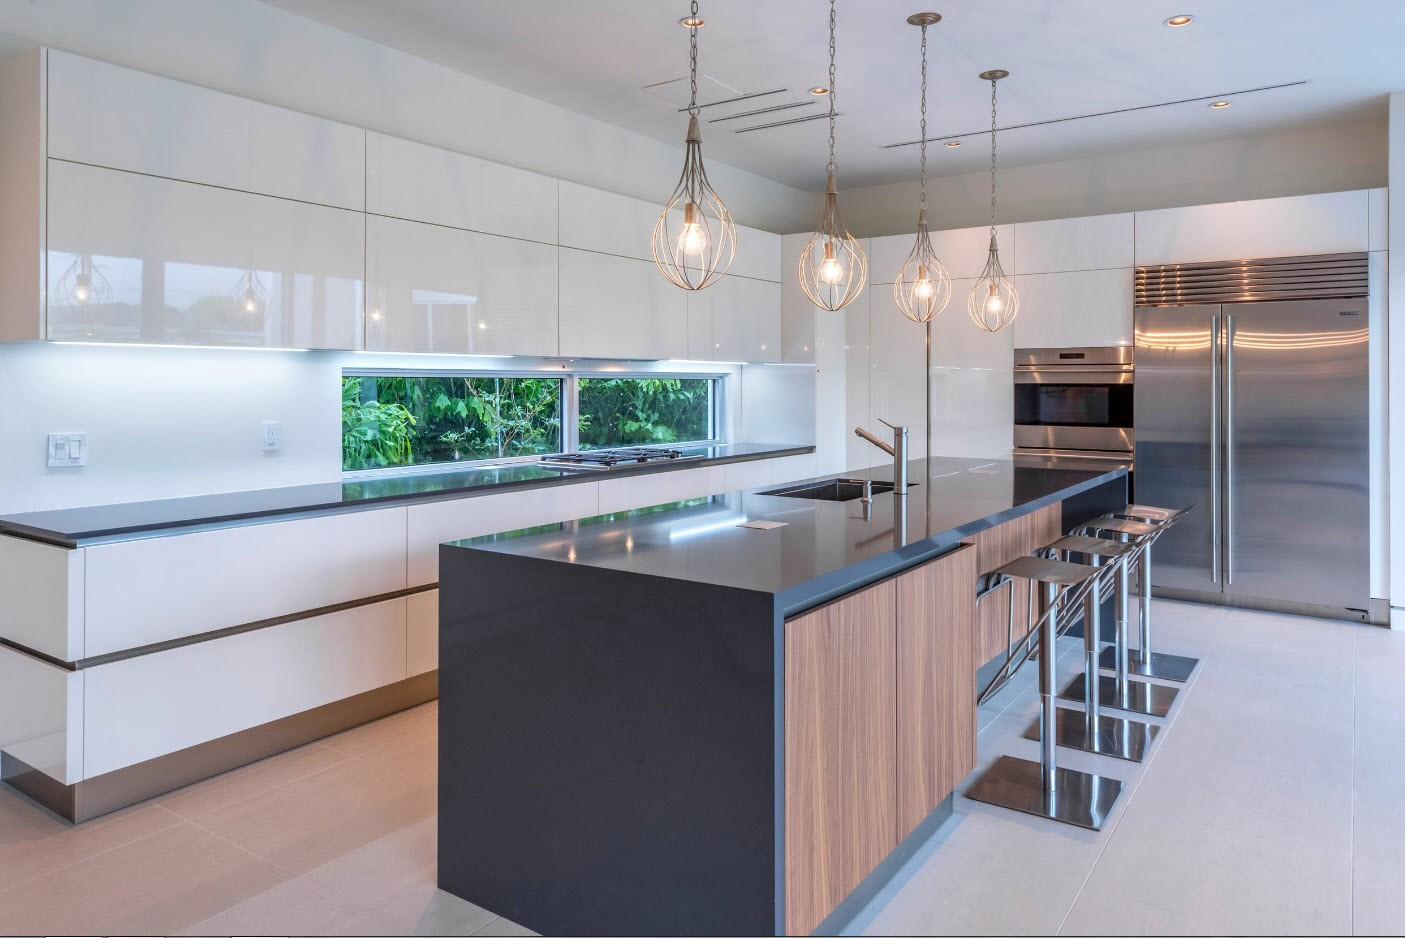 дизайн кухни 2019 гарнитур